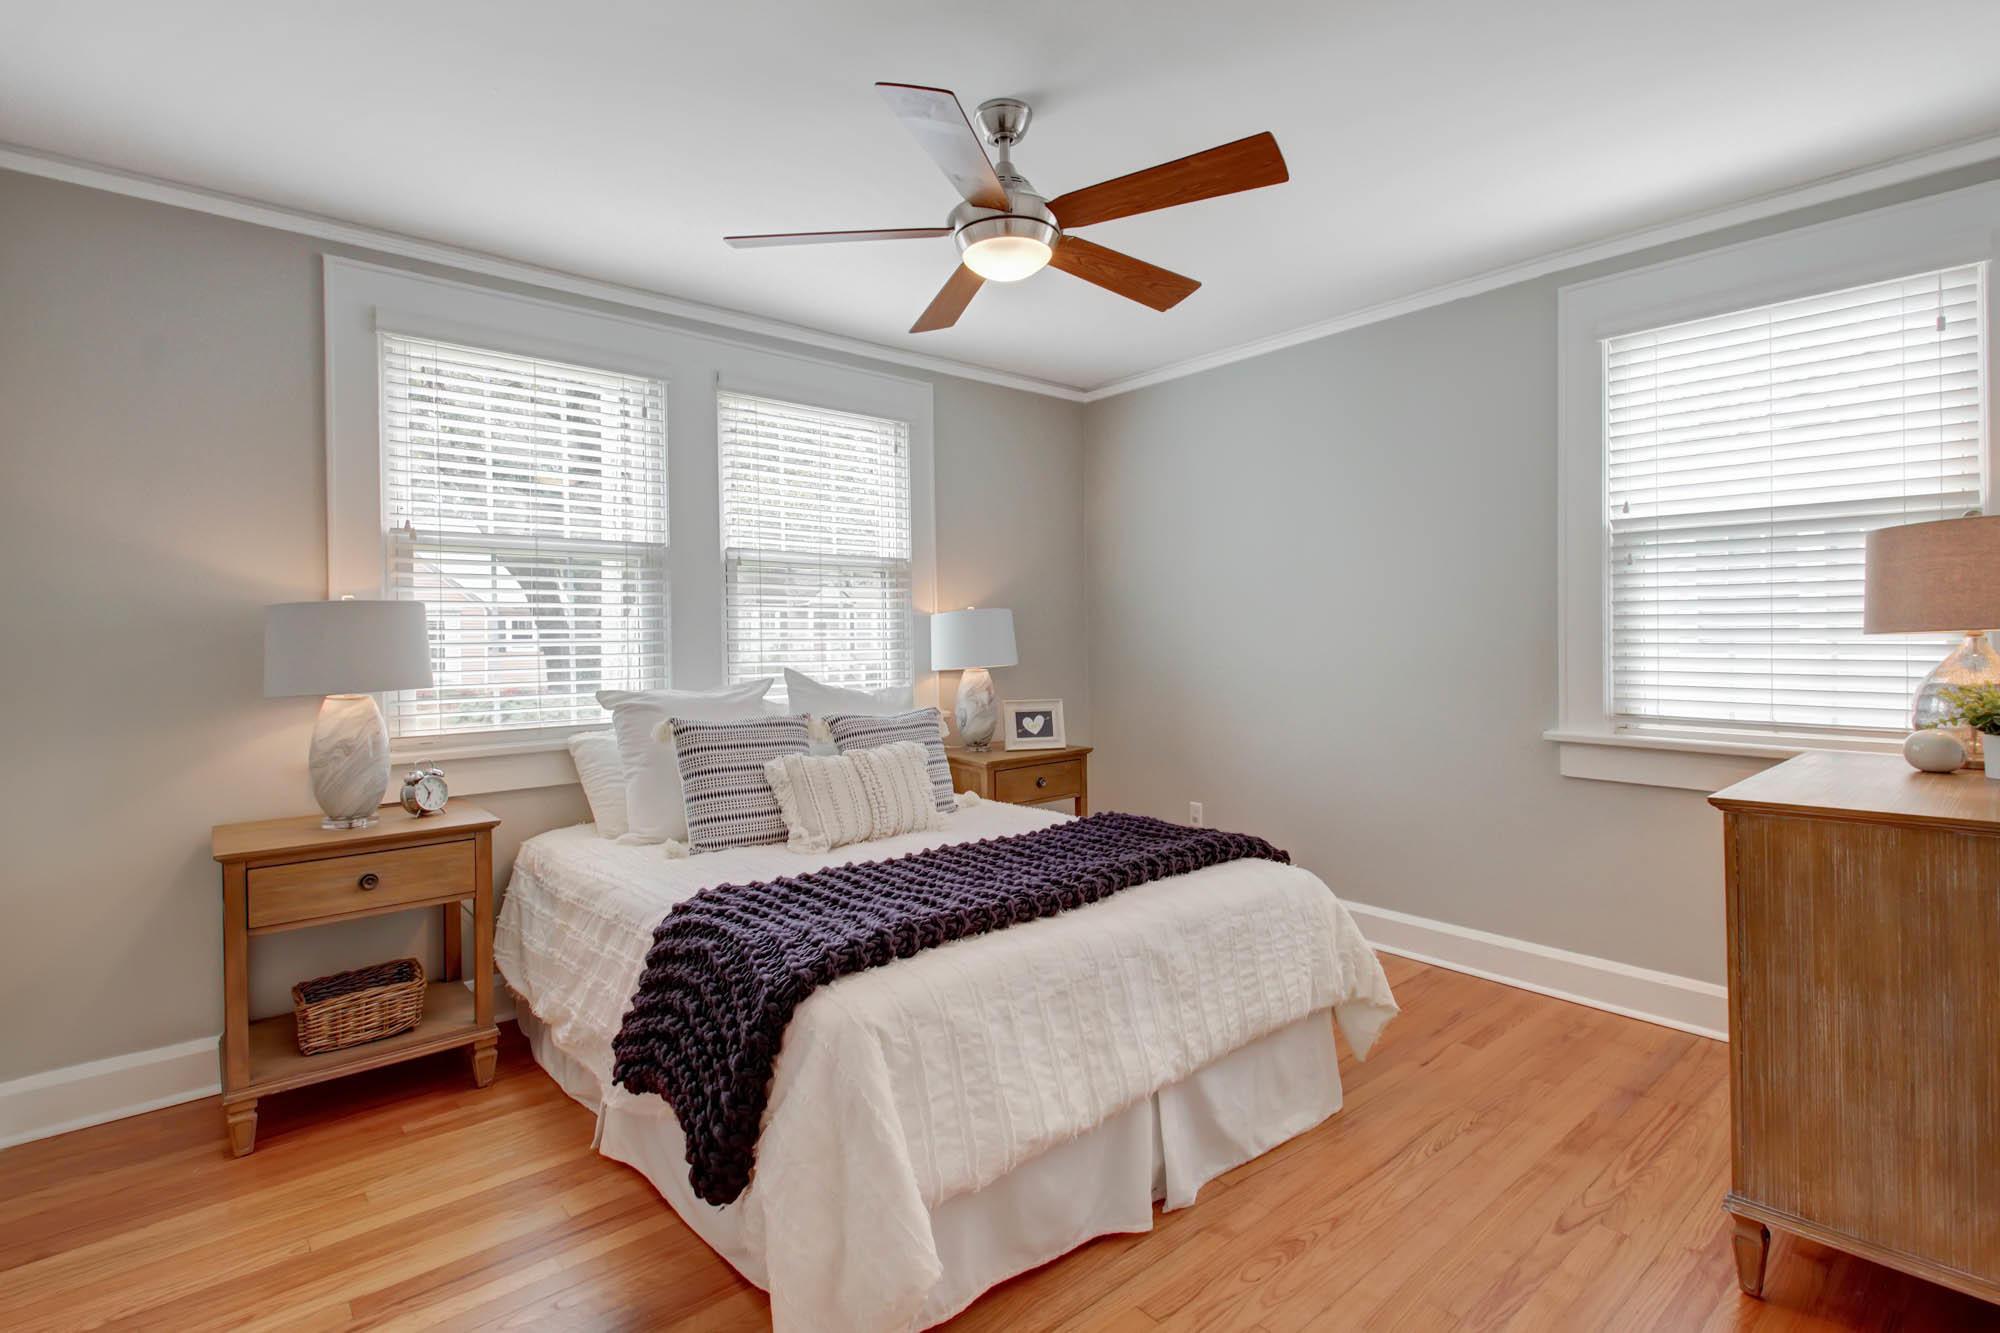 Avondale Homes For Sale - 57 Avondale, Charleston, SC - 13